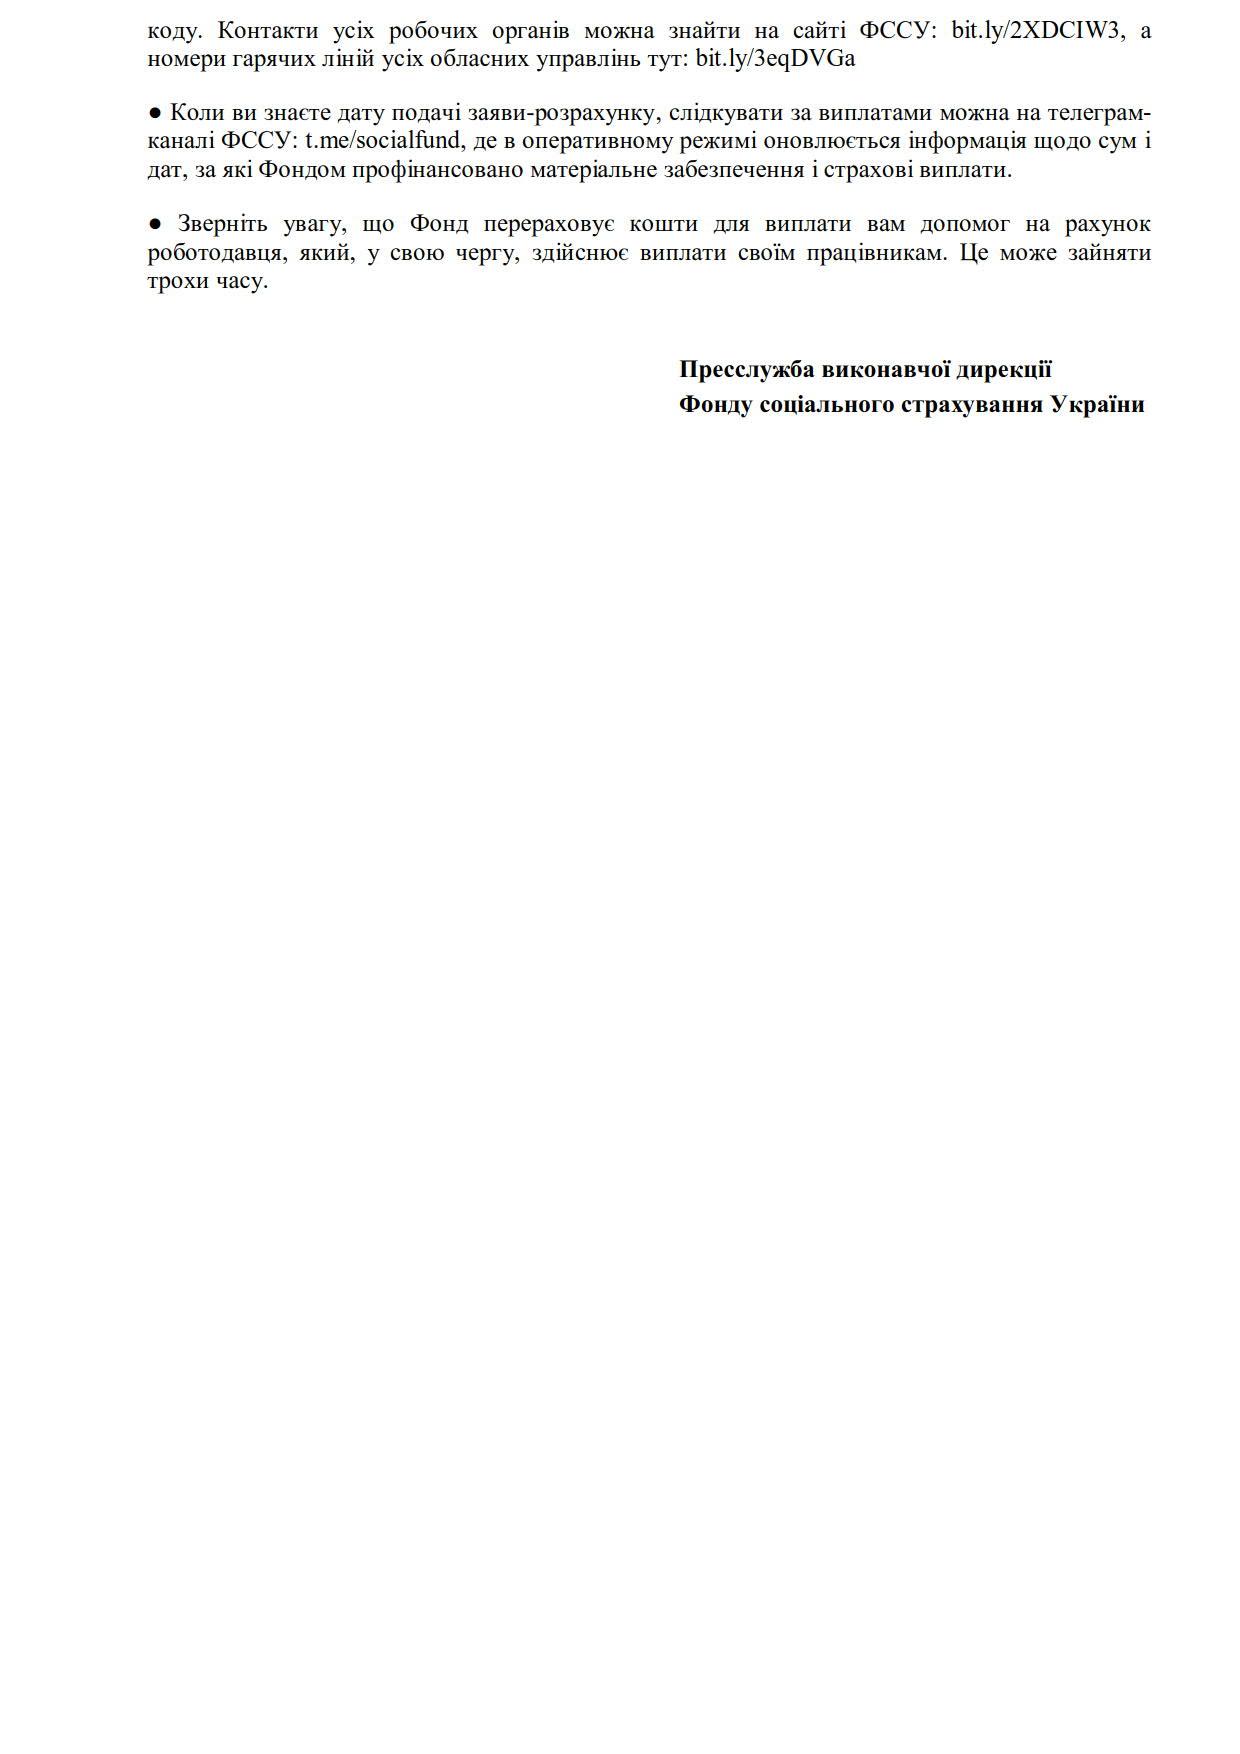 ФССУ_Інформація щодо виплат_2